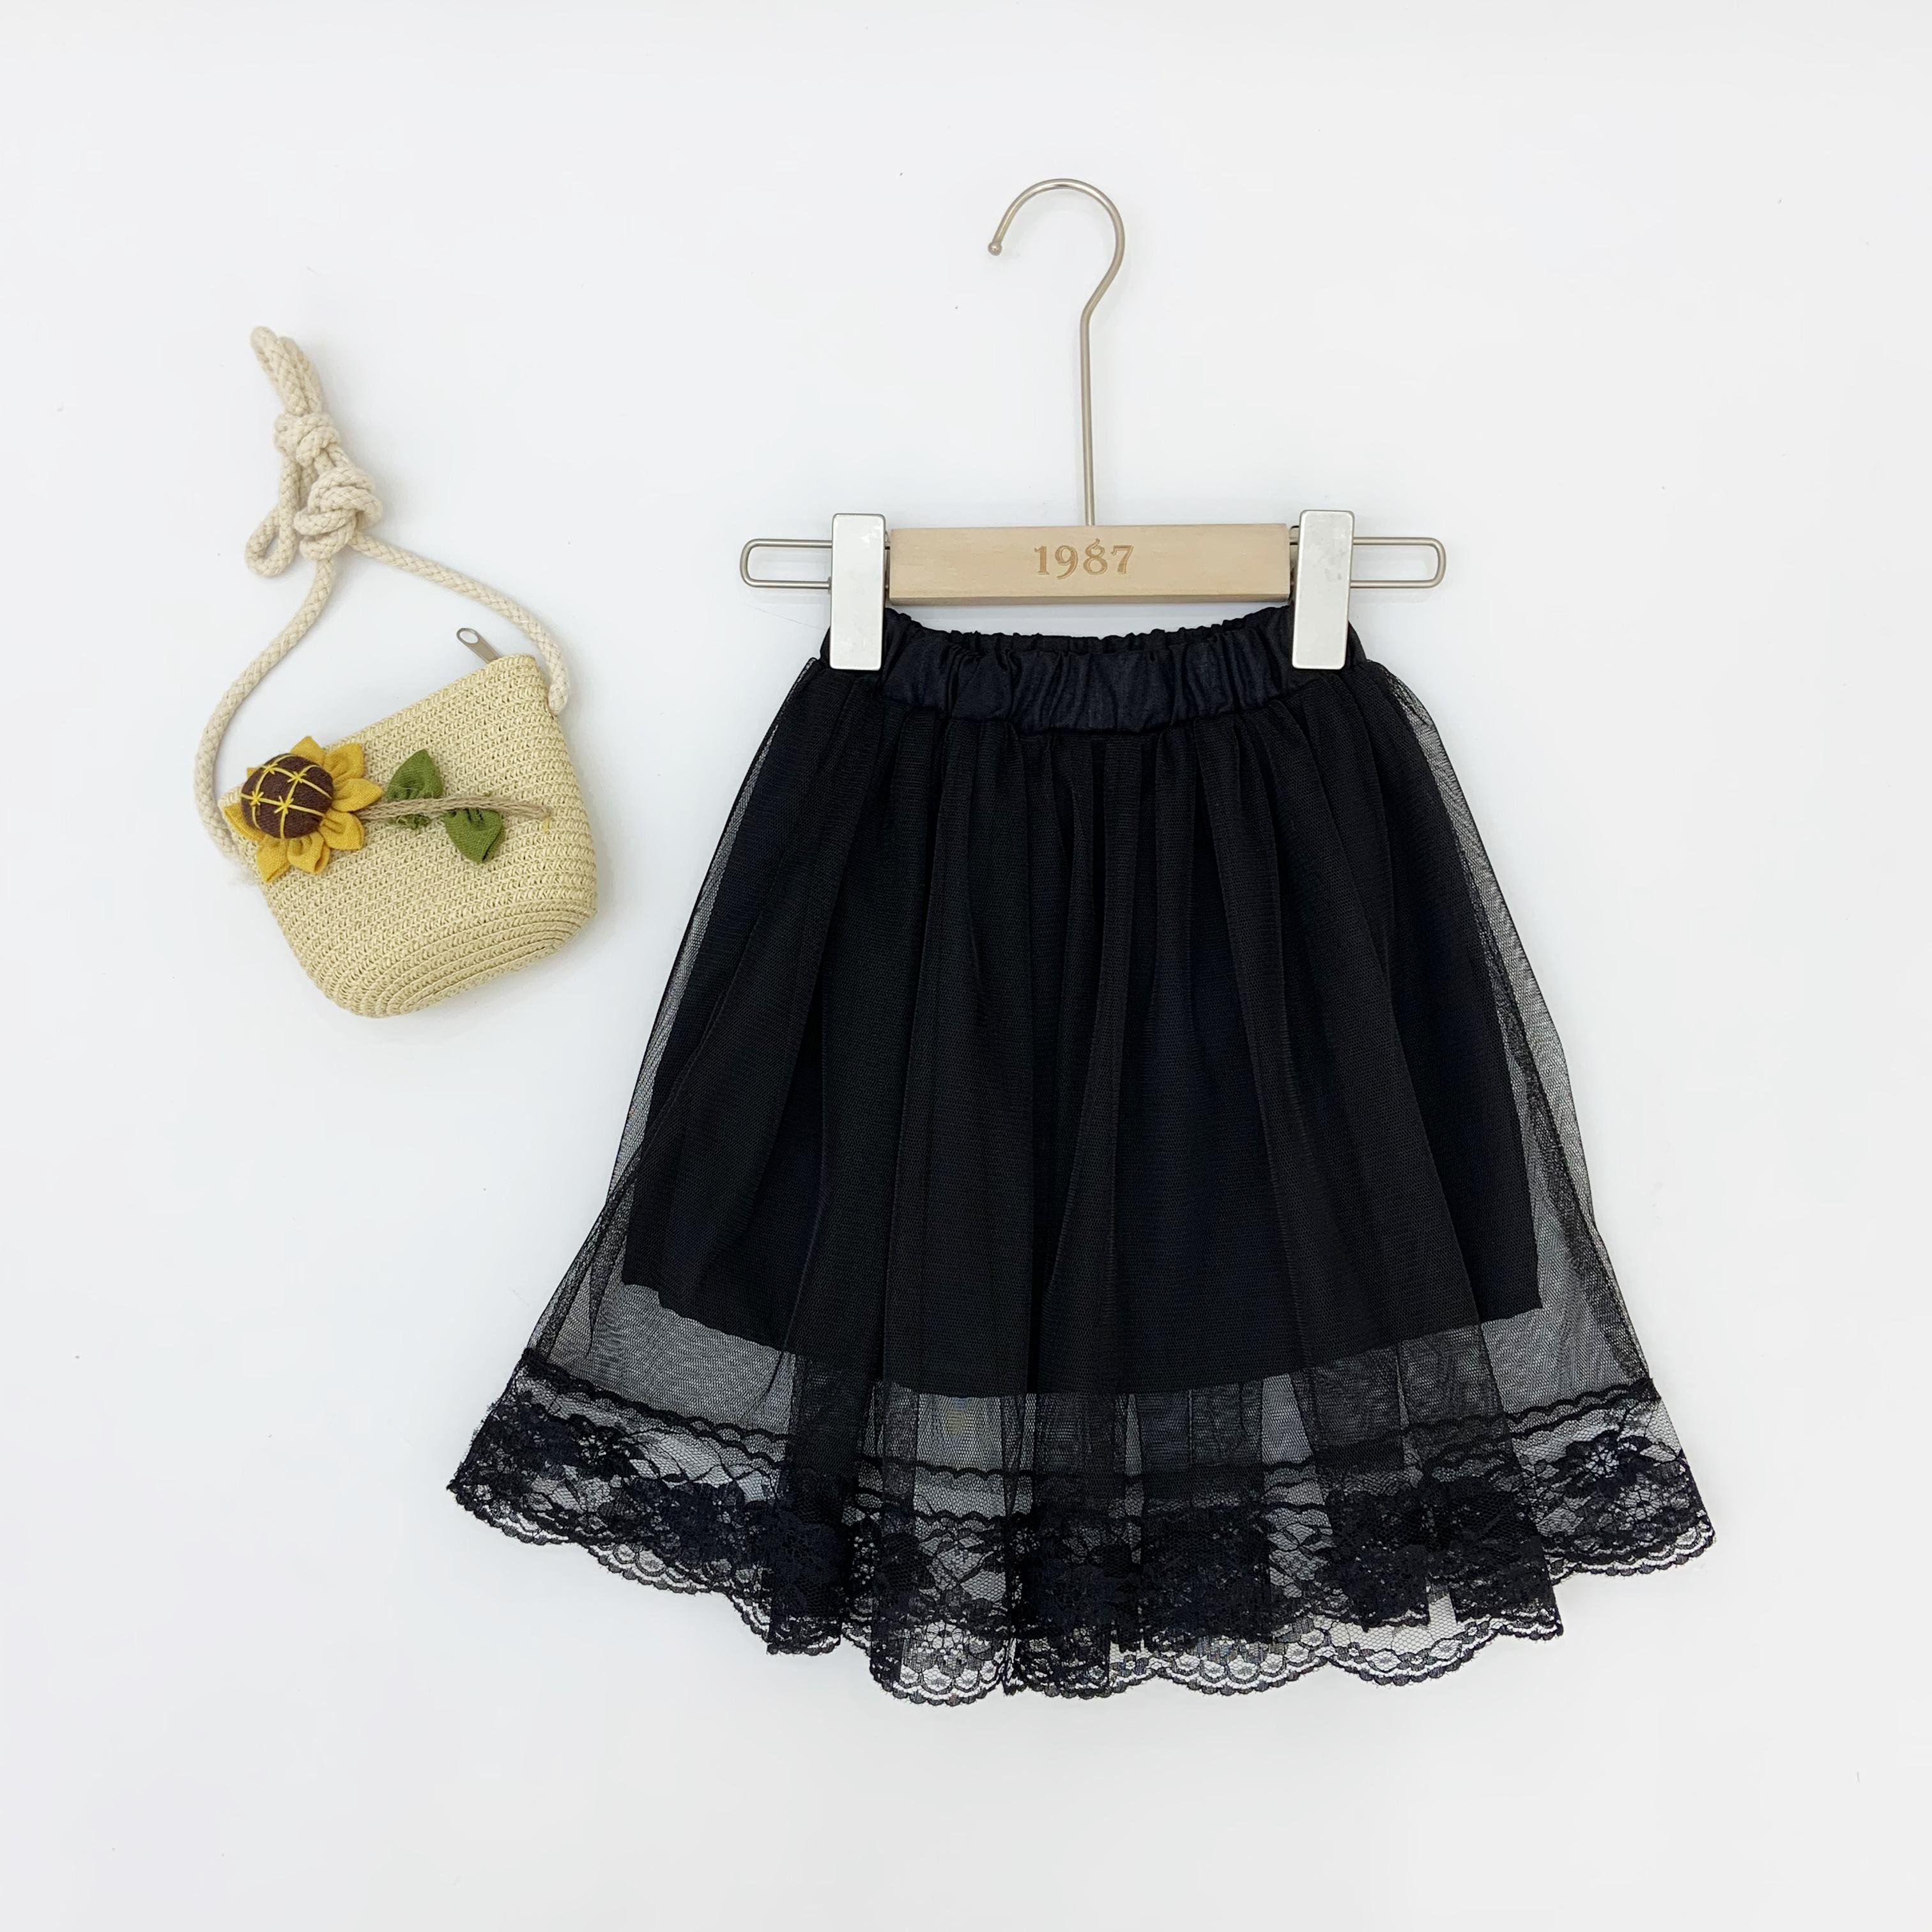 Großhandel günstige baby mädchen party tüll kleid tutu sommer kurzen rock